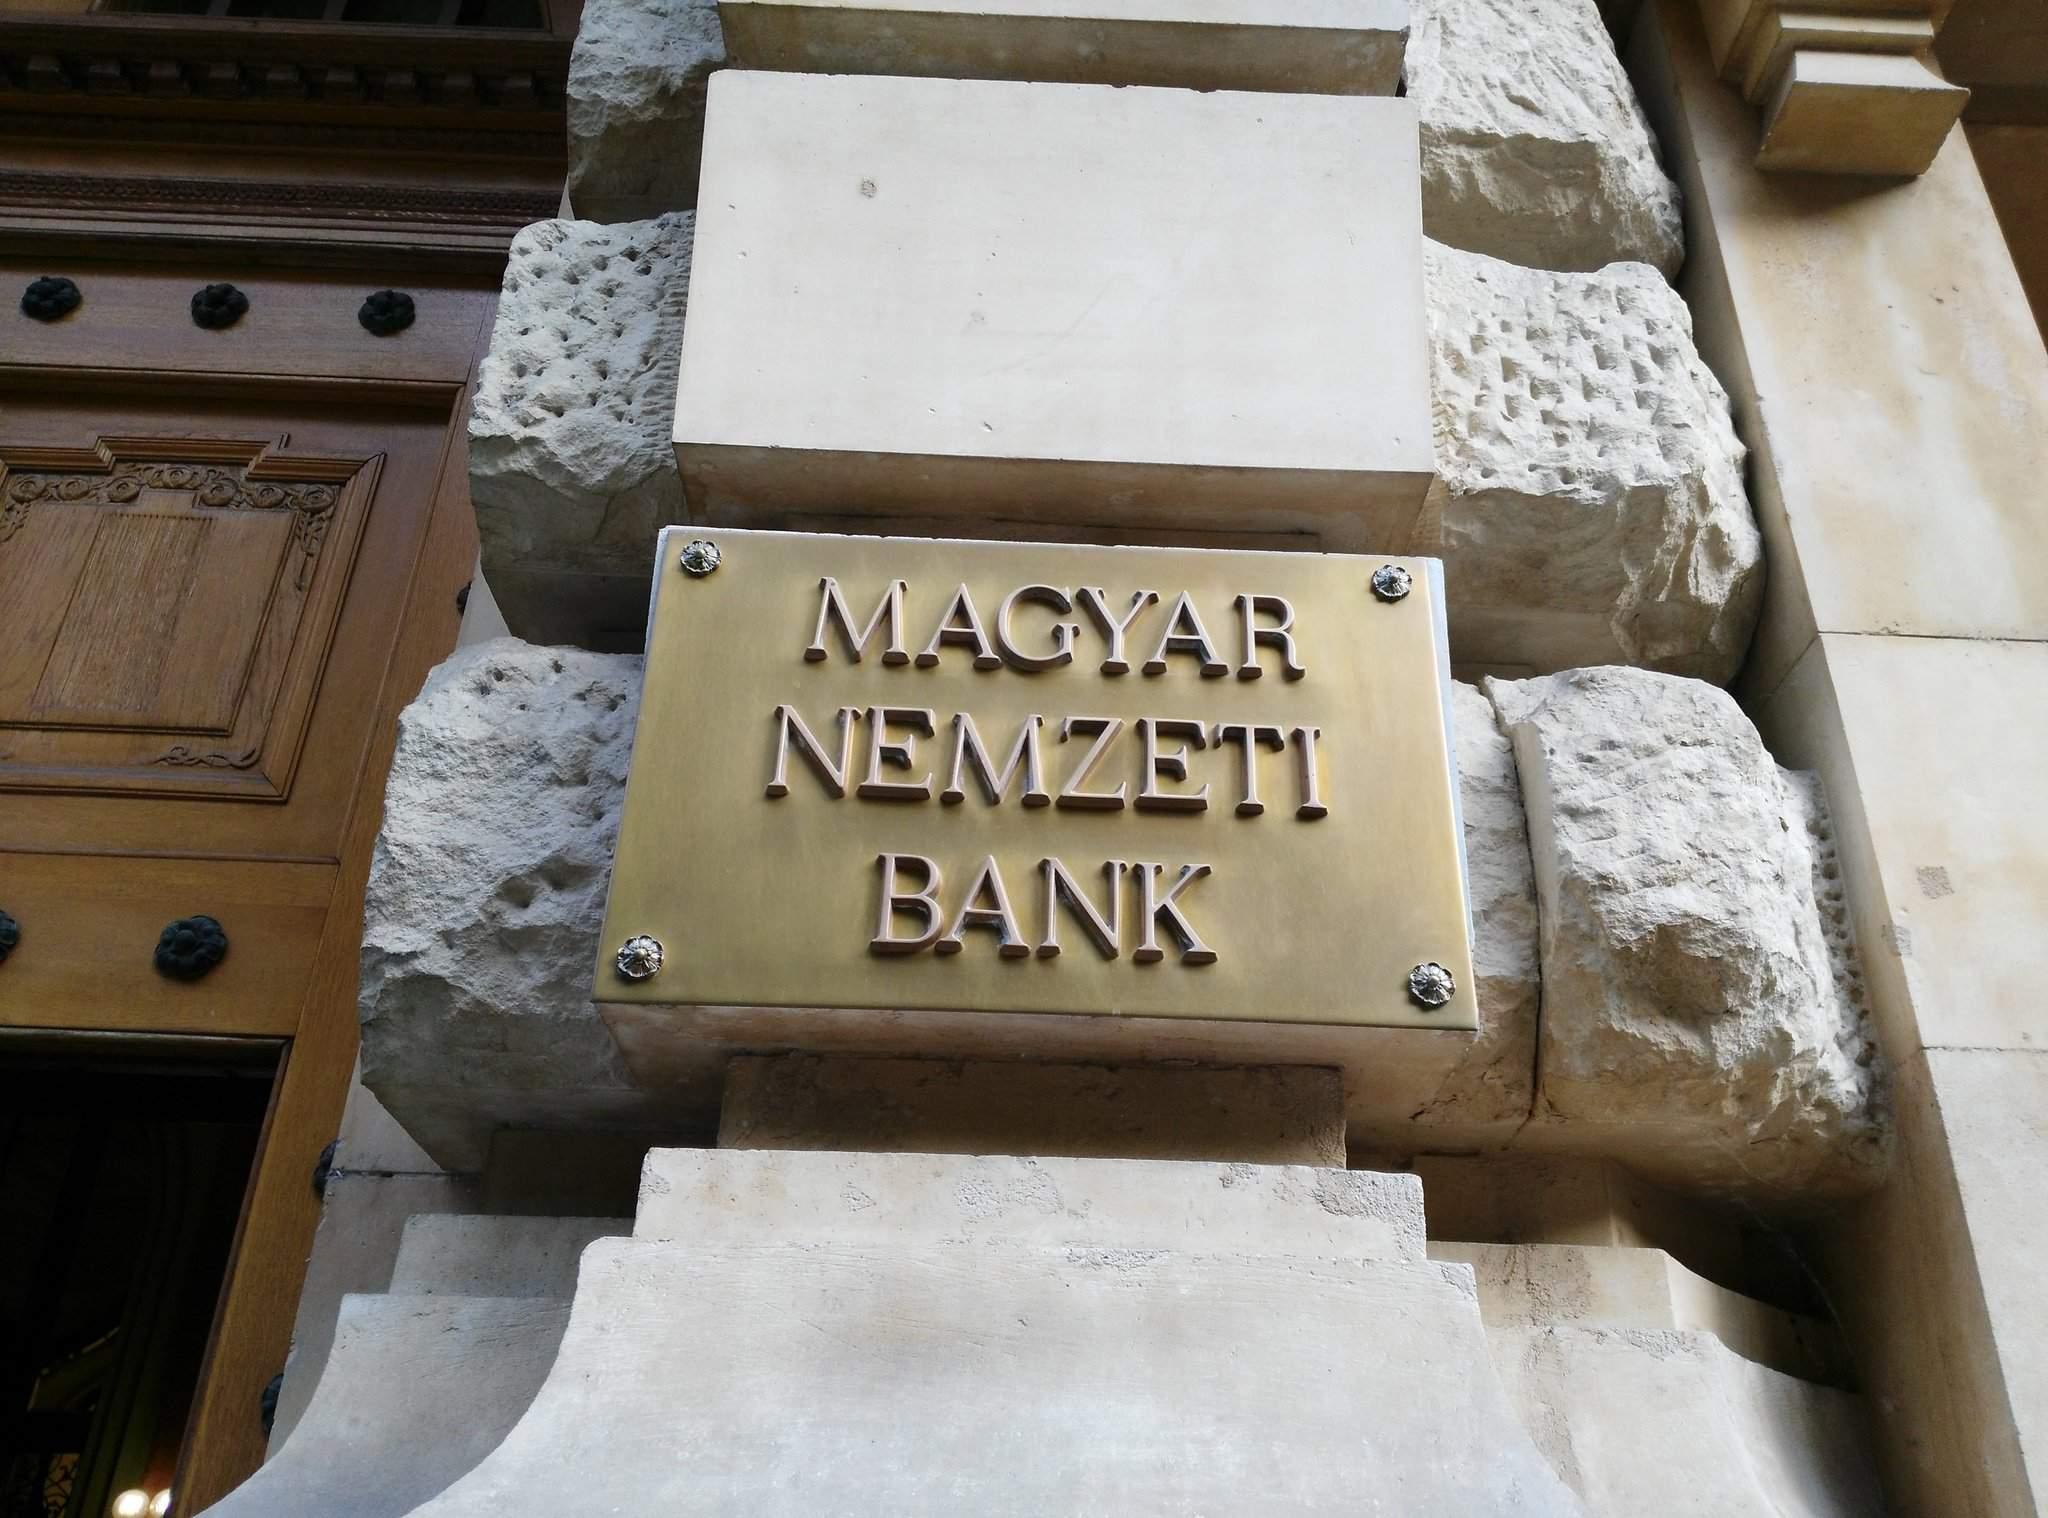 National Bank of Hungary